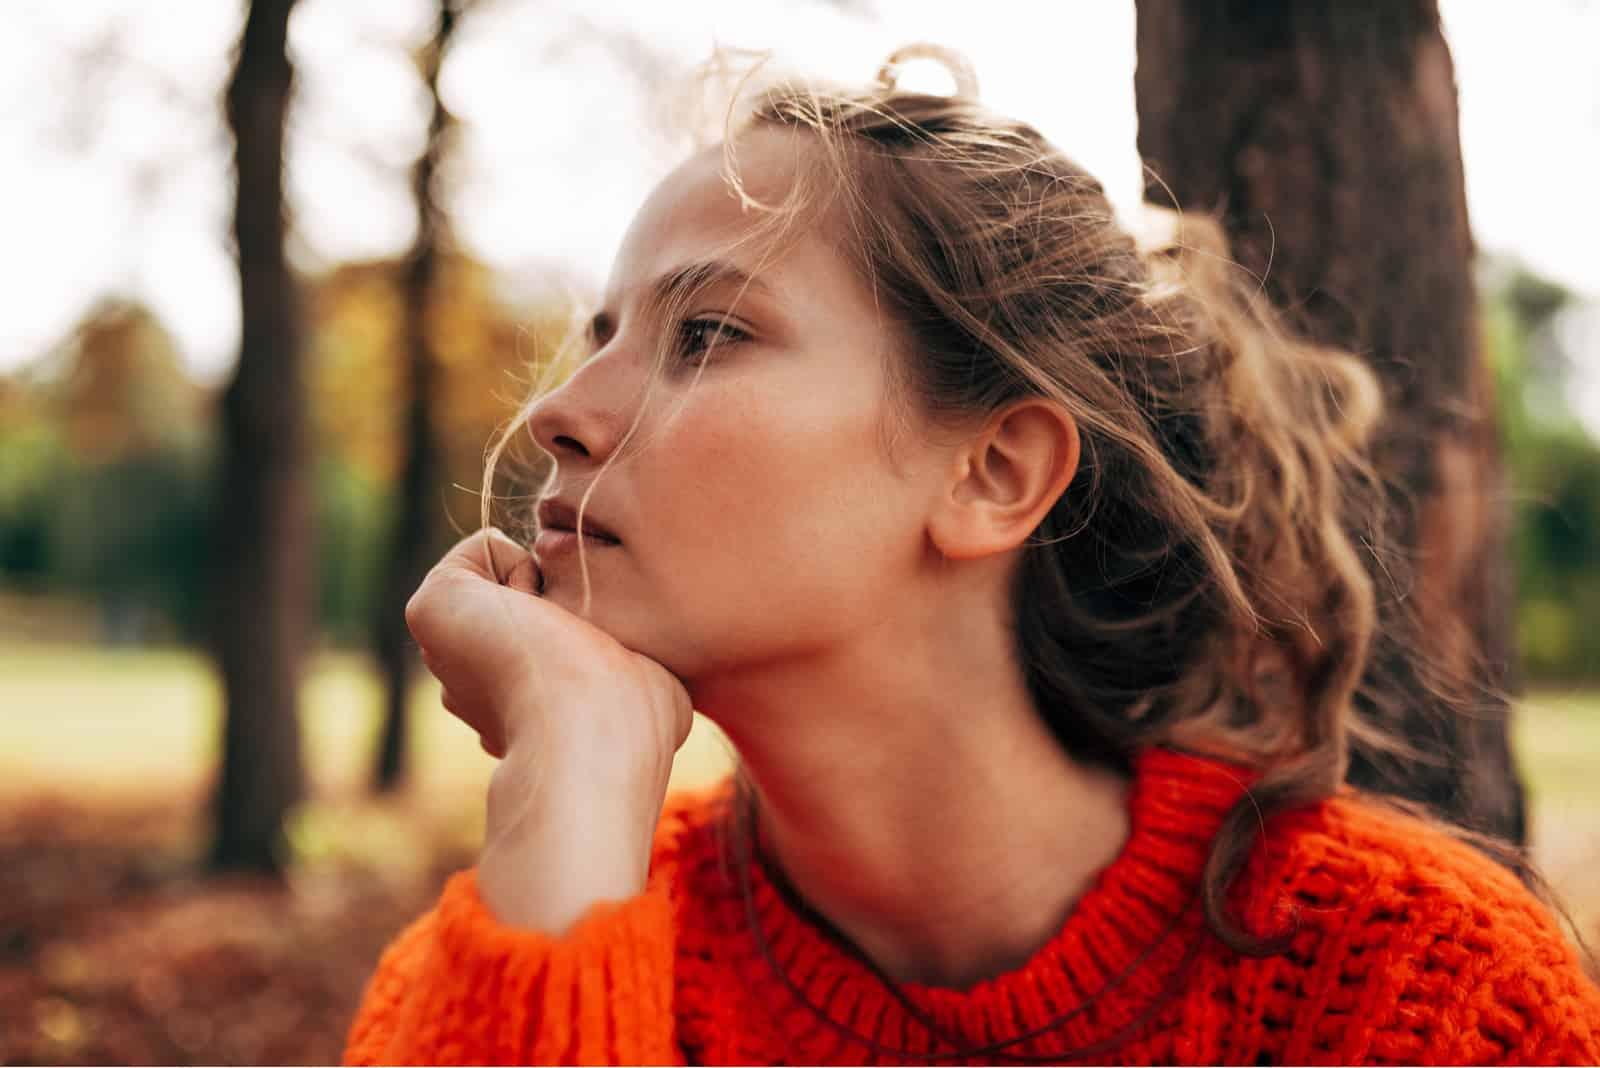 Frau mit orangefarbenem Strickpullover